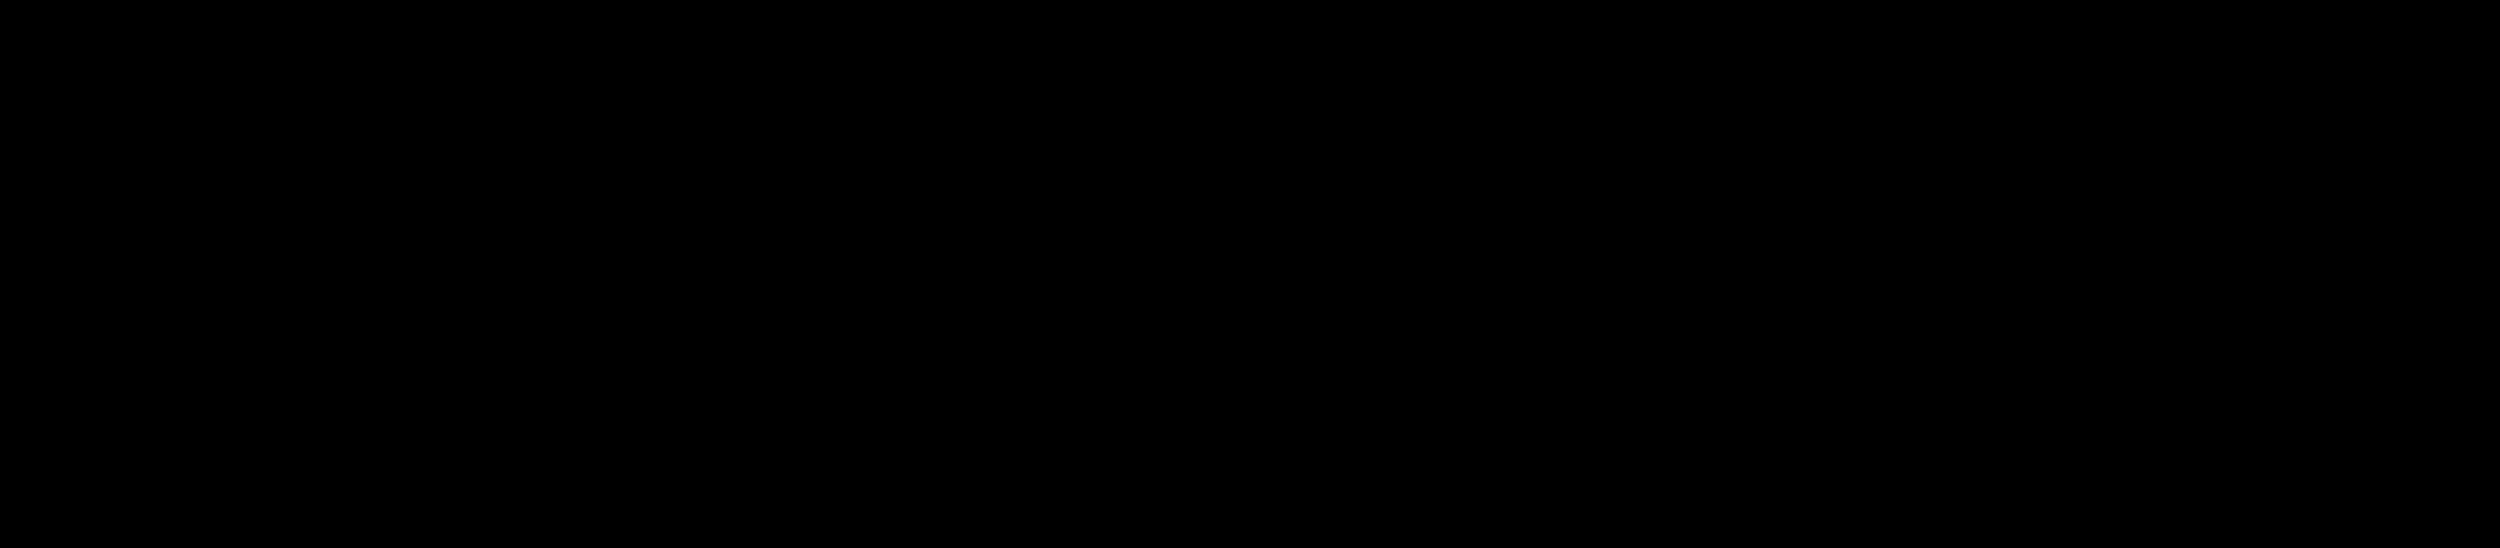 Black Dog Prowl - Logo.png